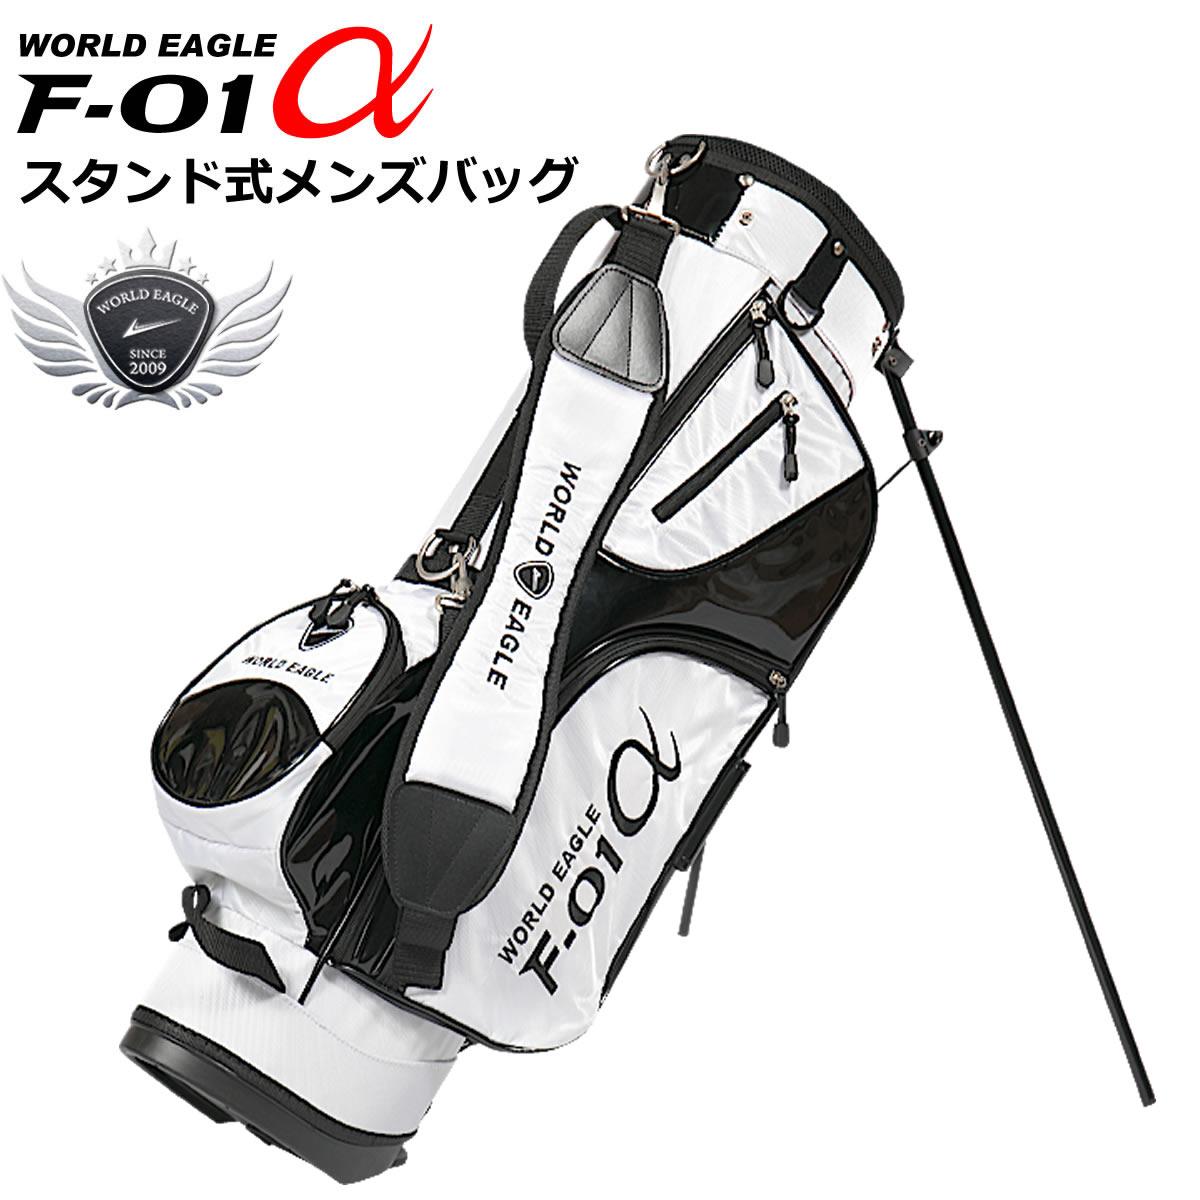 軽量バッグを探しているあなたにお勧め ゴルフバック F-01 スタンドバッグ スタンドにより安定性 add-option 利便性も向上 カートバッグ 井戸木プロ推薦 値引き キャディバッグ ついに入荷